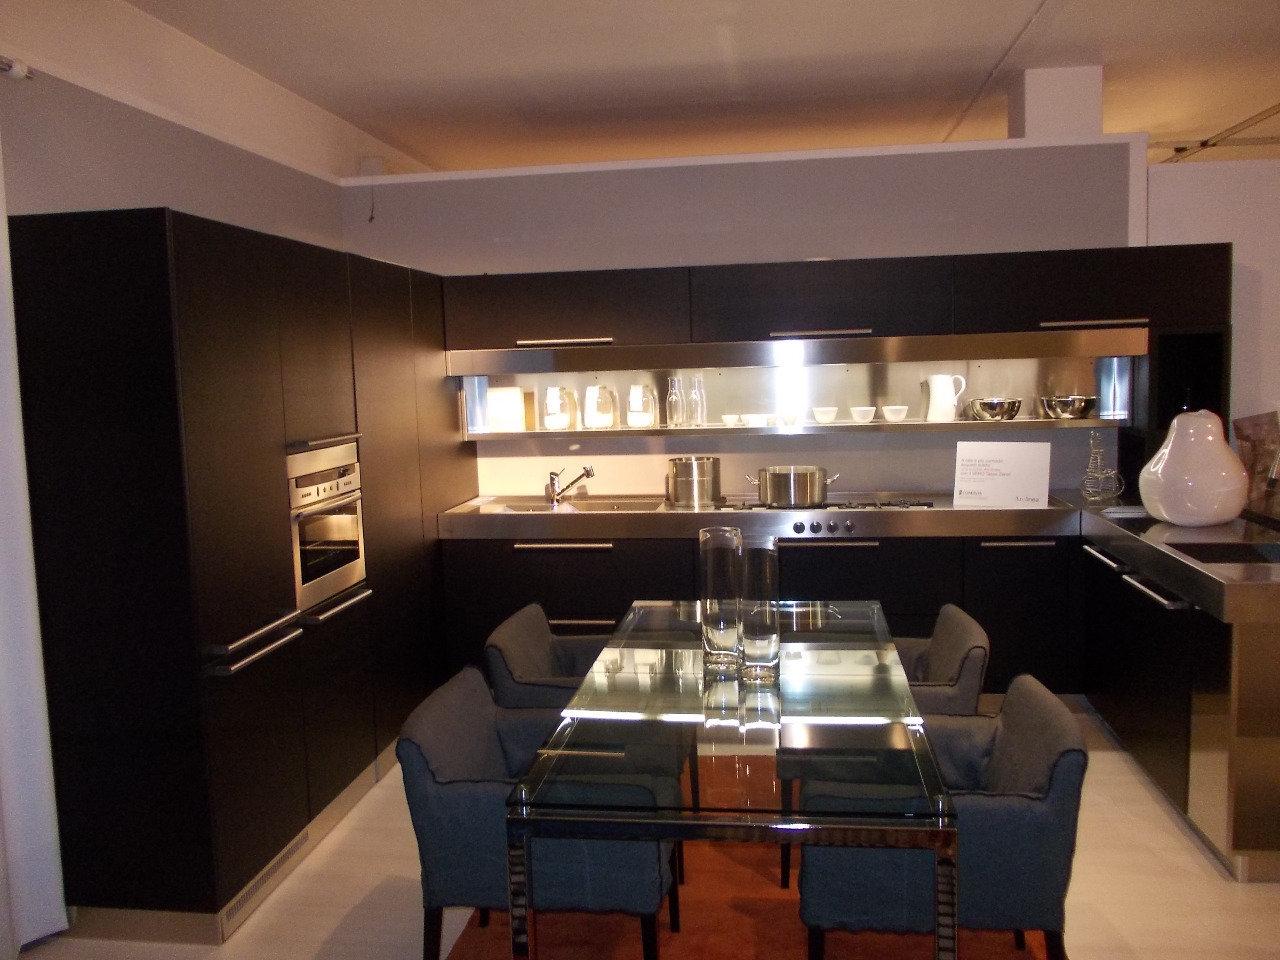 Cucina Artusi di Arclinea - Cucine a prezzi scontati